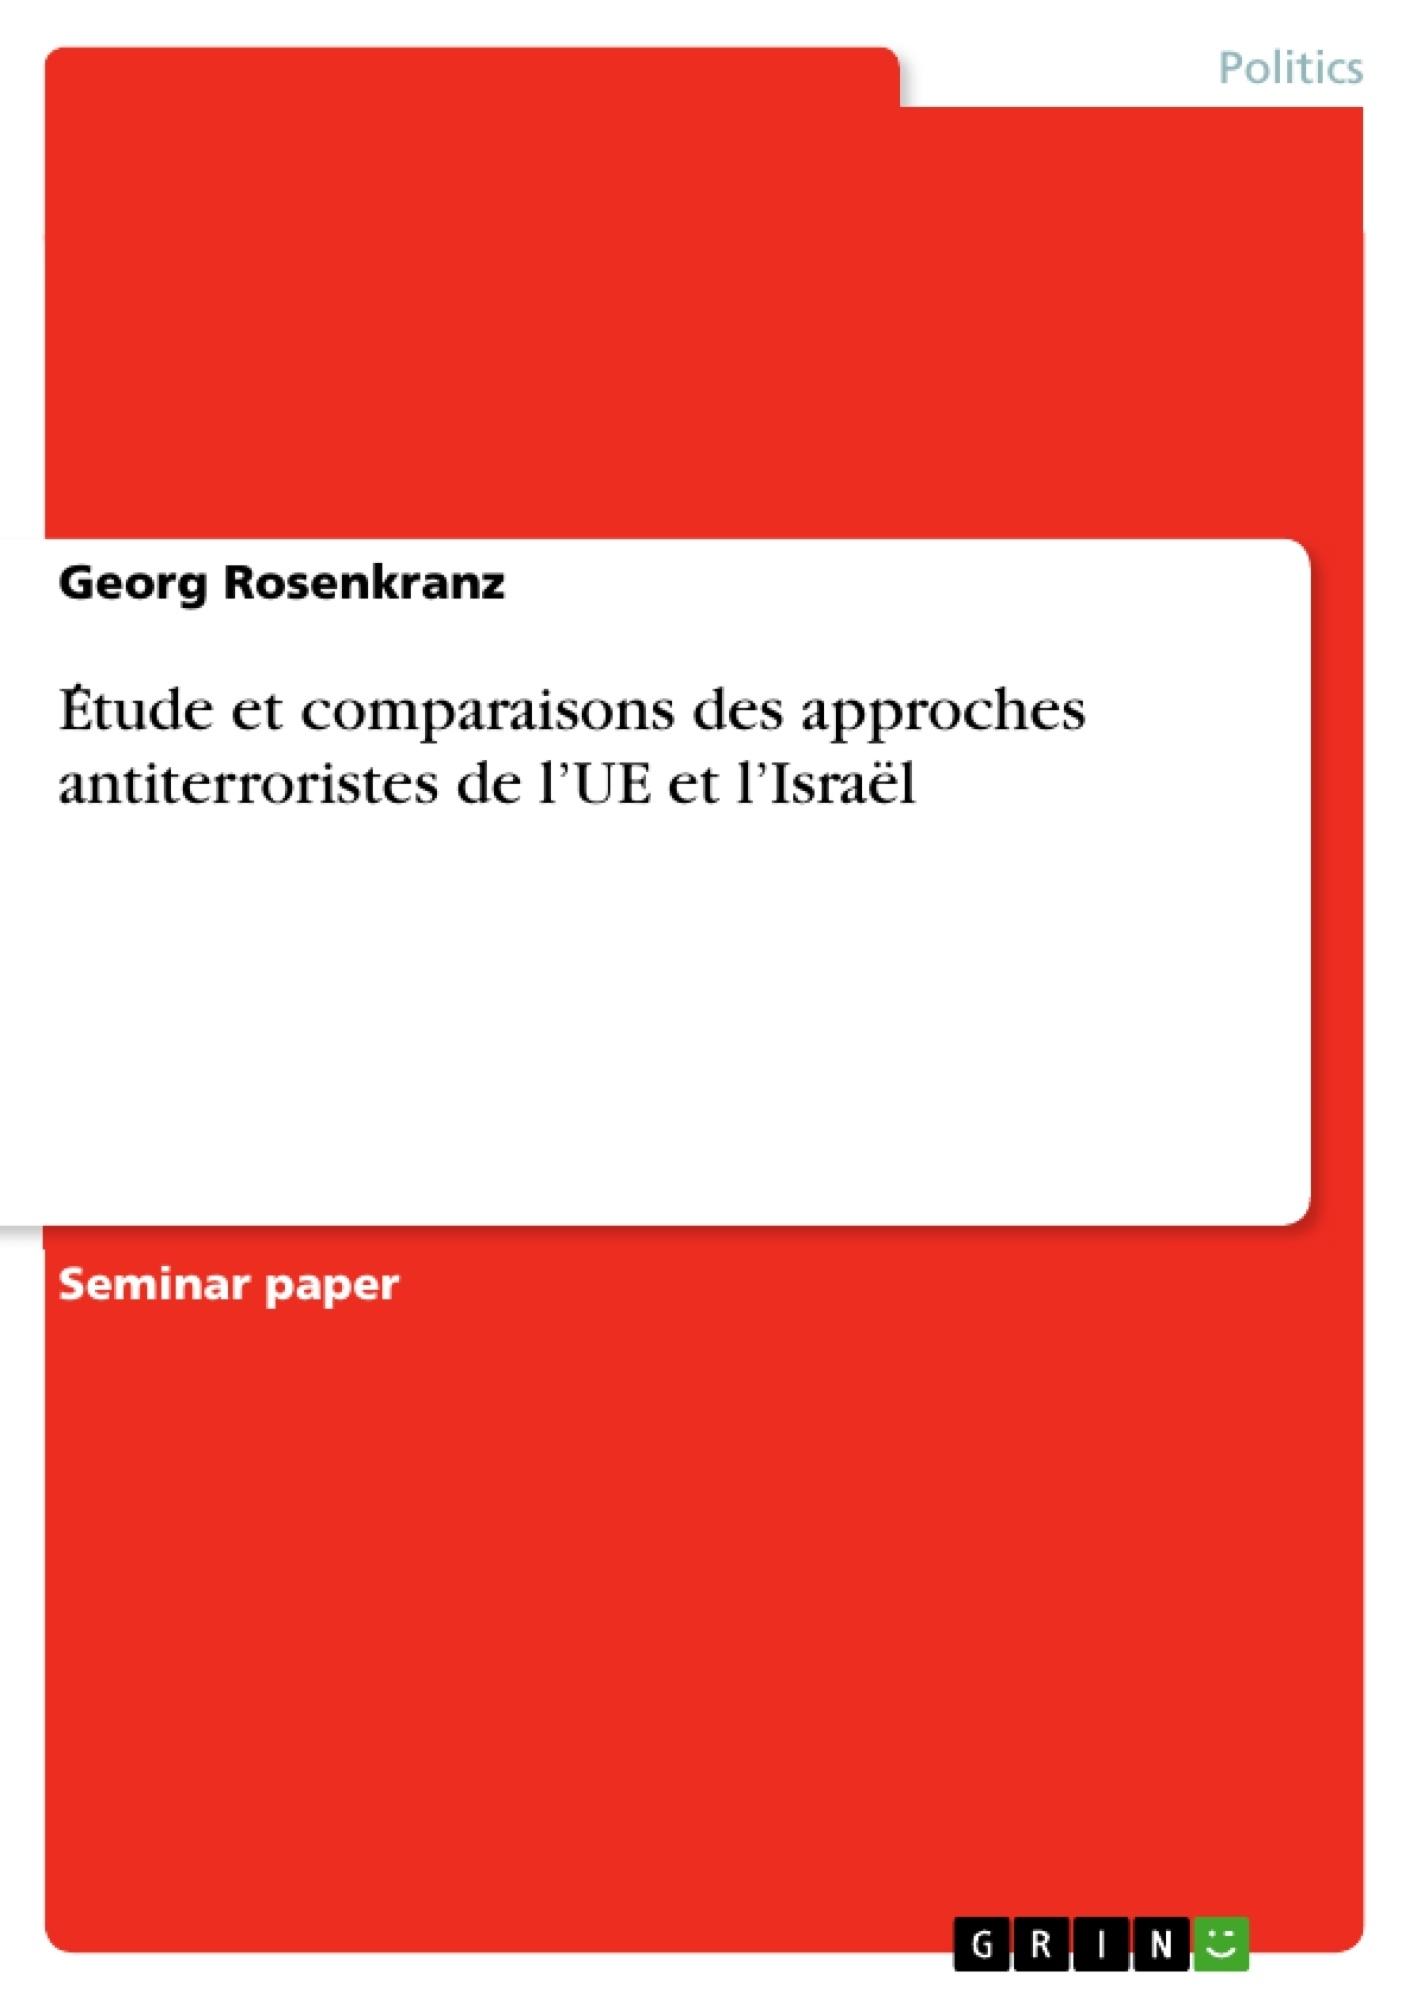 Titre: Étude et comparaisons des approches antiterroristes de l'UE et l'Israël